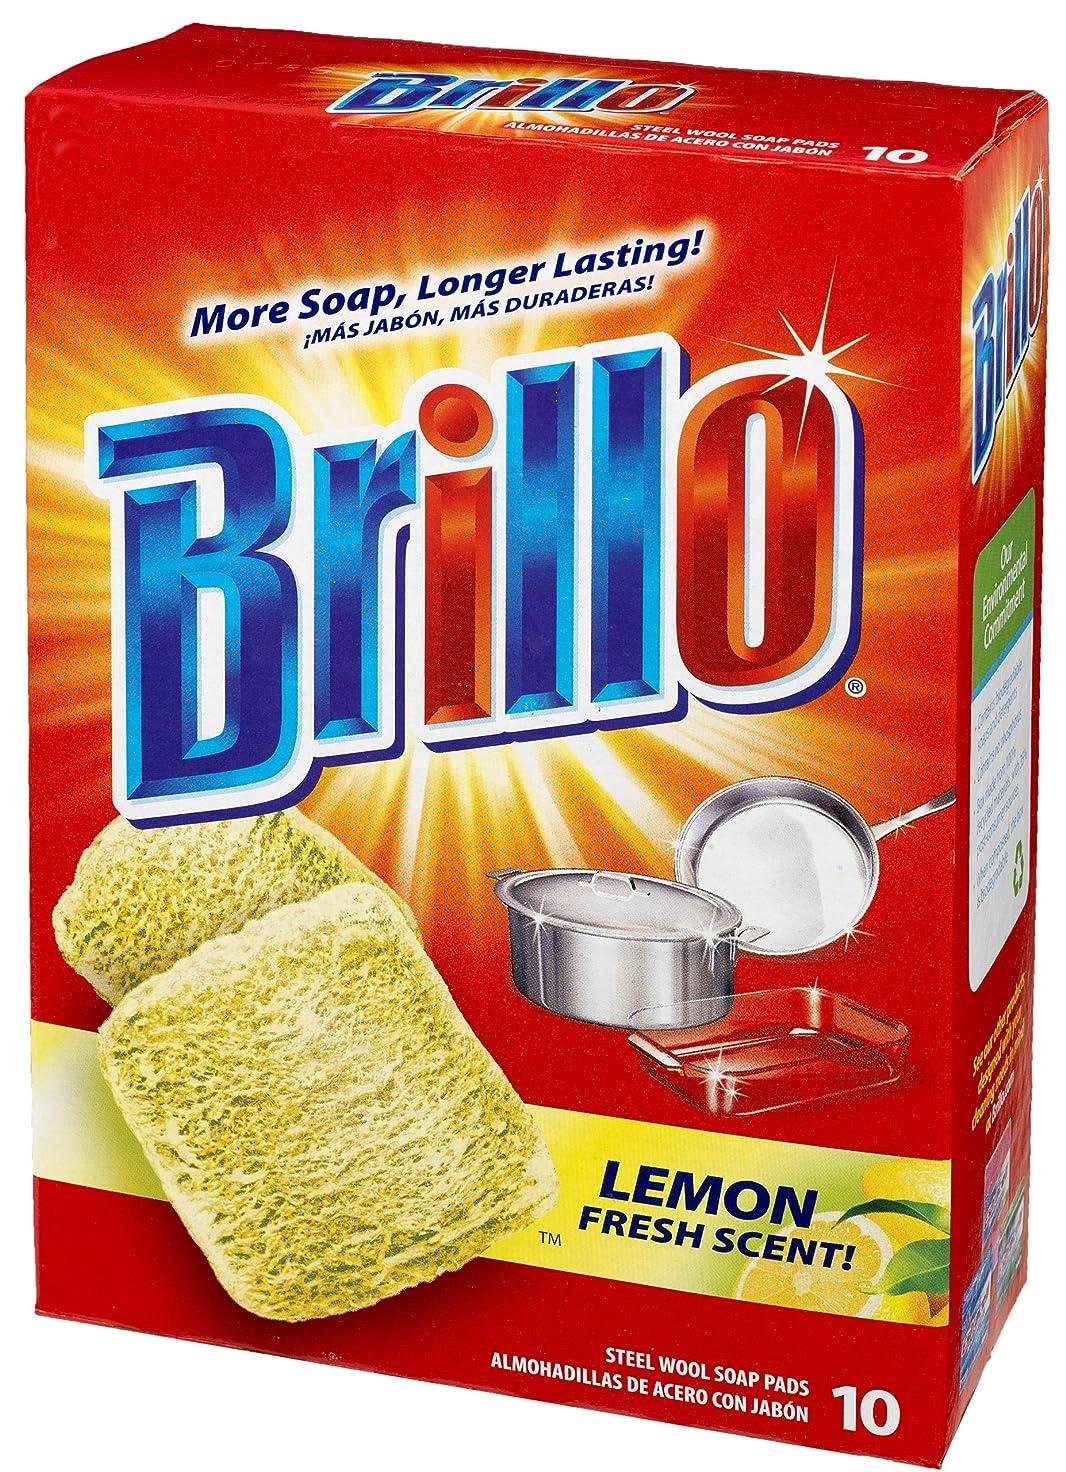 ポテトあそこ優先Brillo(ブリロ) ソープパッド レモン 10個入